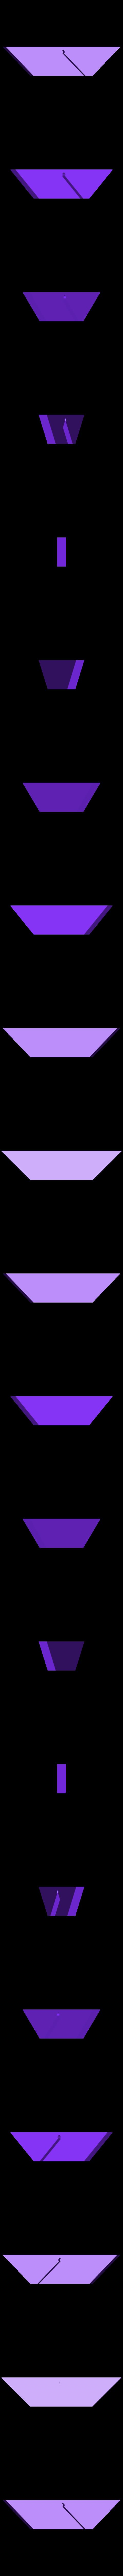 corner_cutter.stl Télécharger fichier STL gratuit Coupeur d'angle de reliure • Design imprimable en 3D, hanselcj